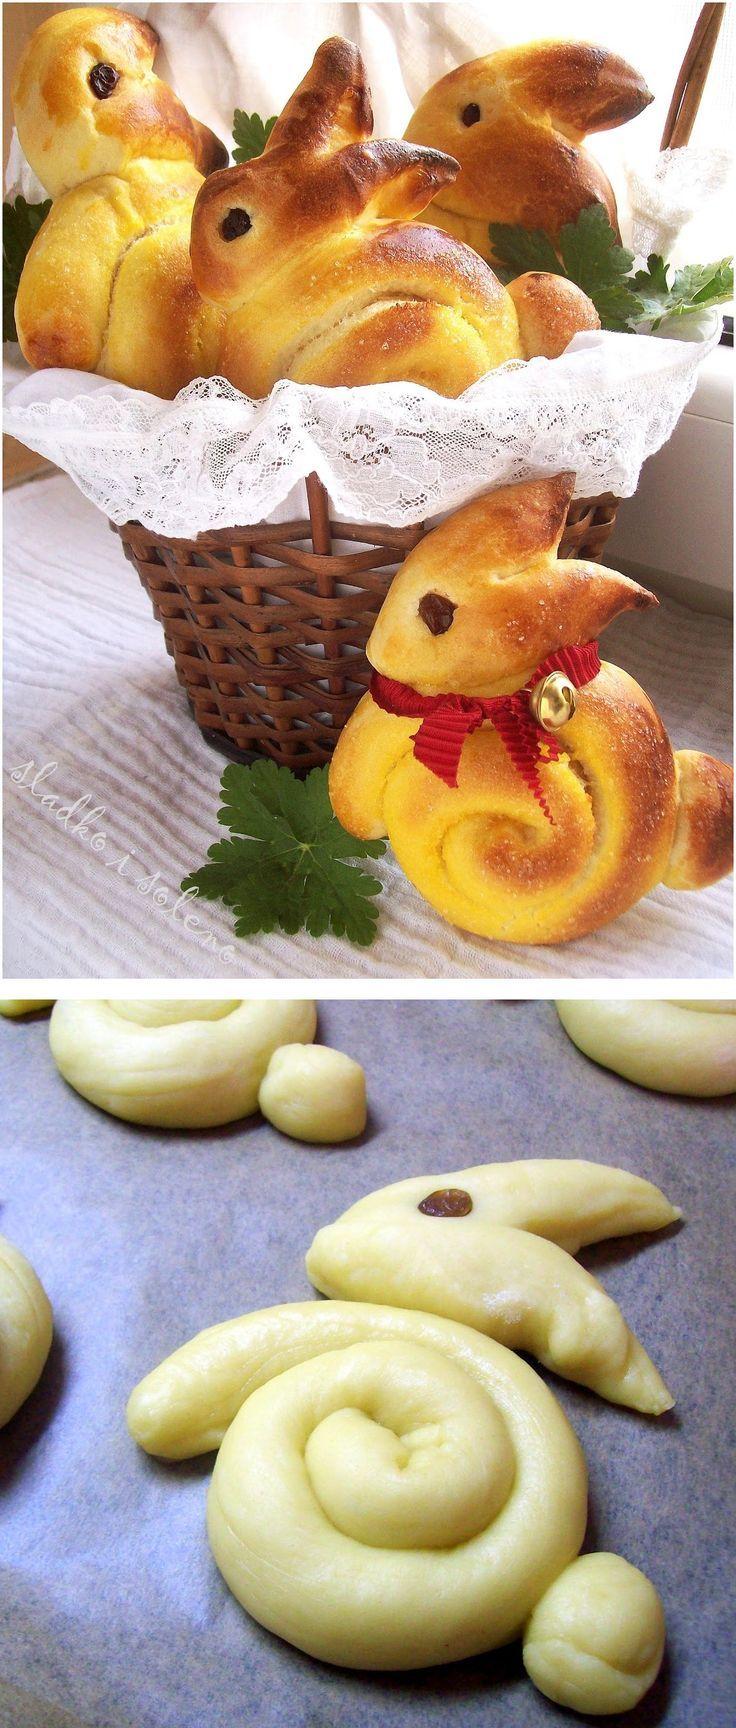 Kreatívan a konyhában: húsvéti nyuszi, koszorú, kosárka kalácstésztából